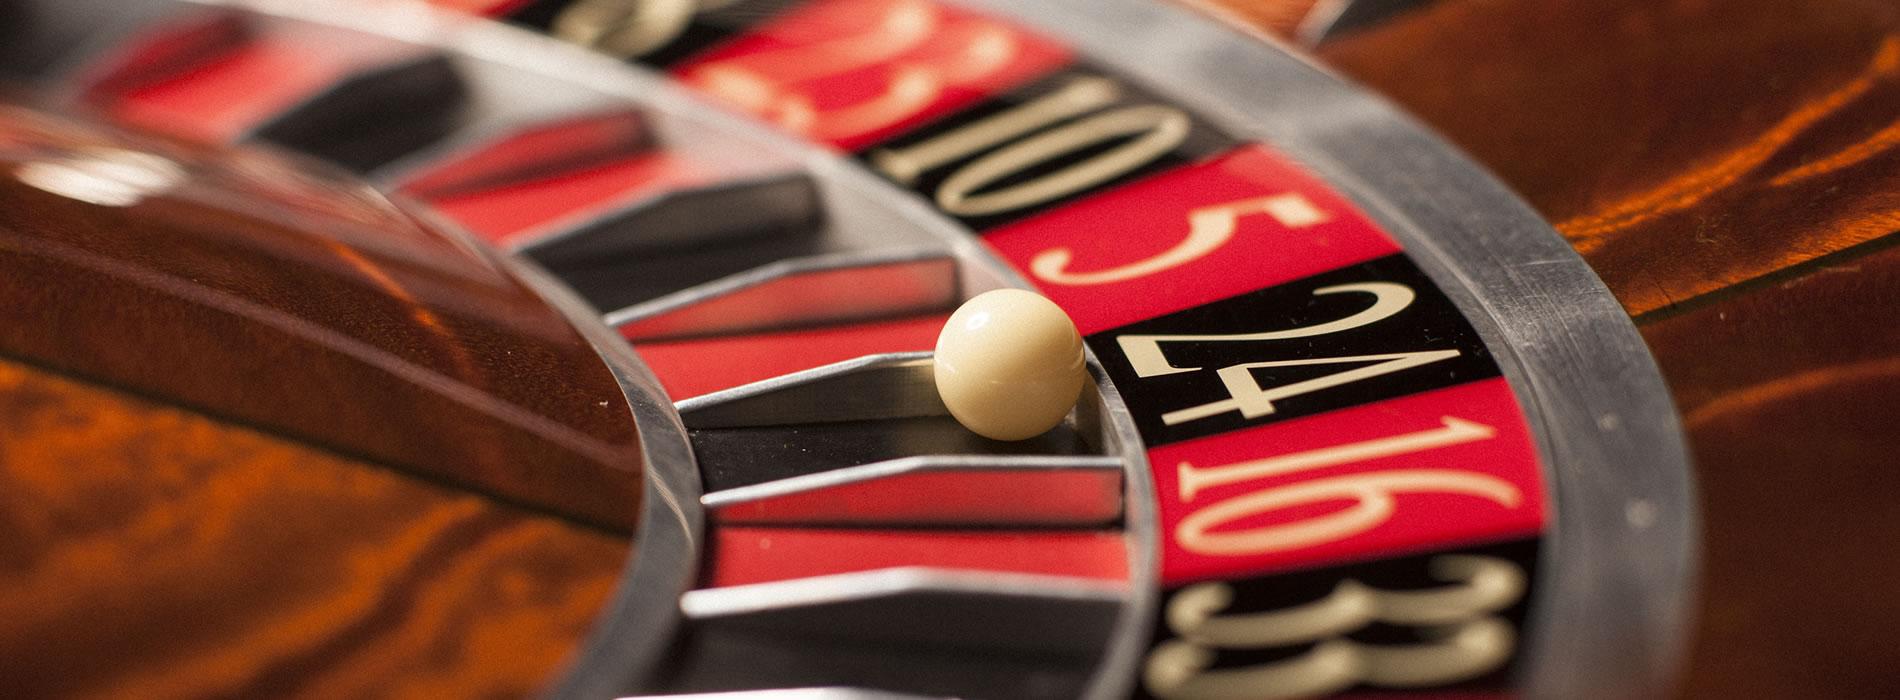 Jeux casino, lequel est le mieux joué?